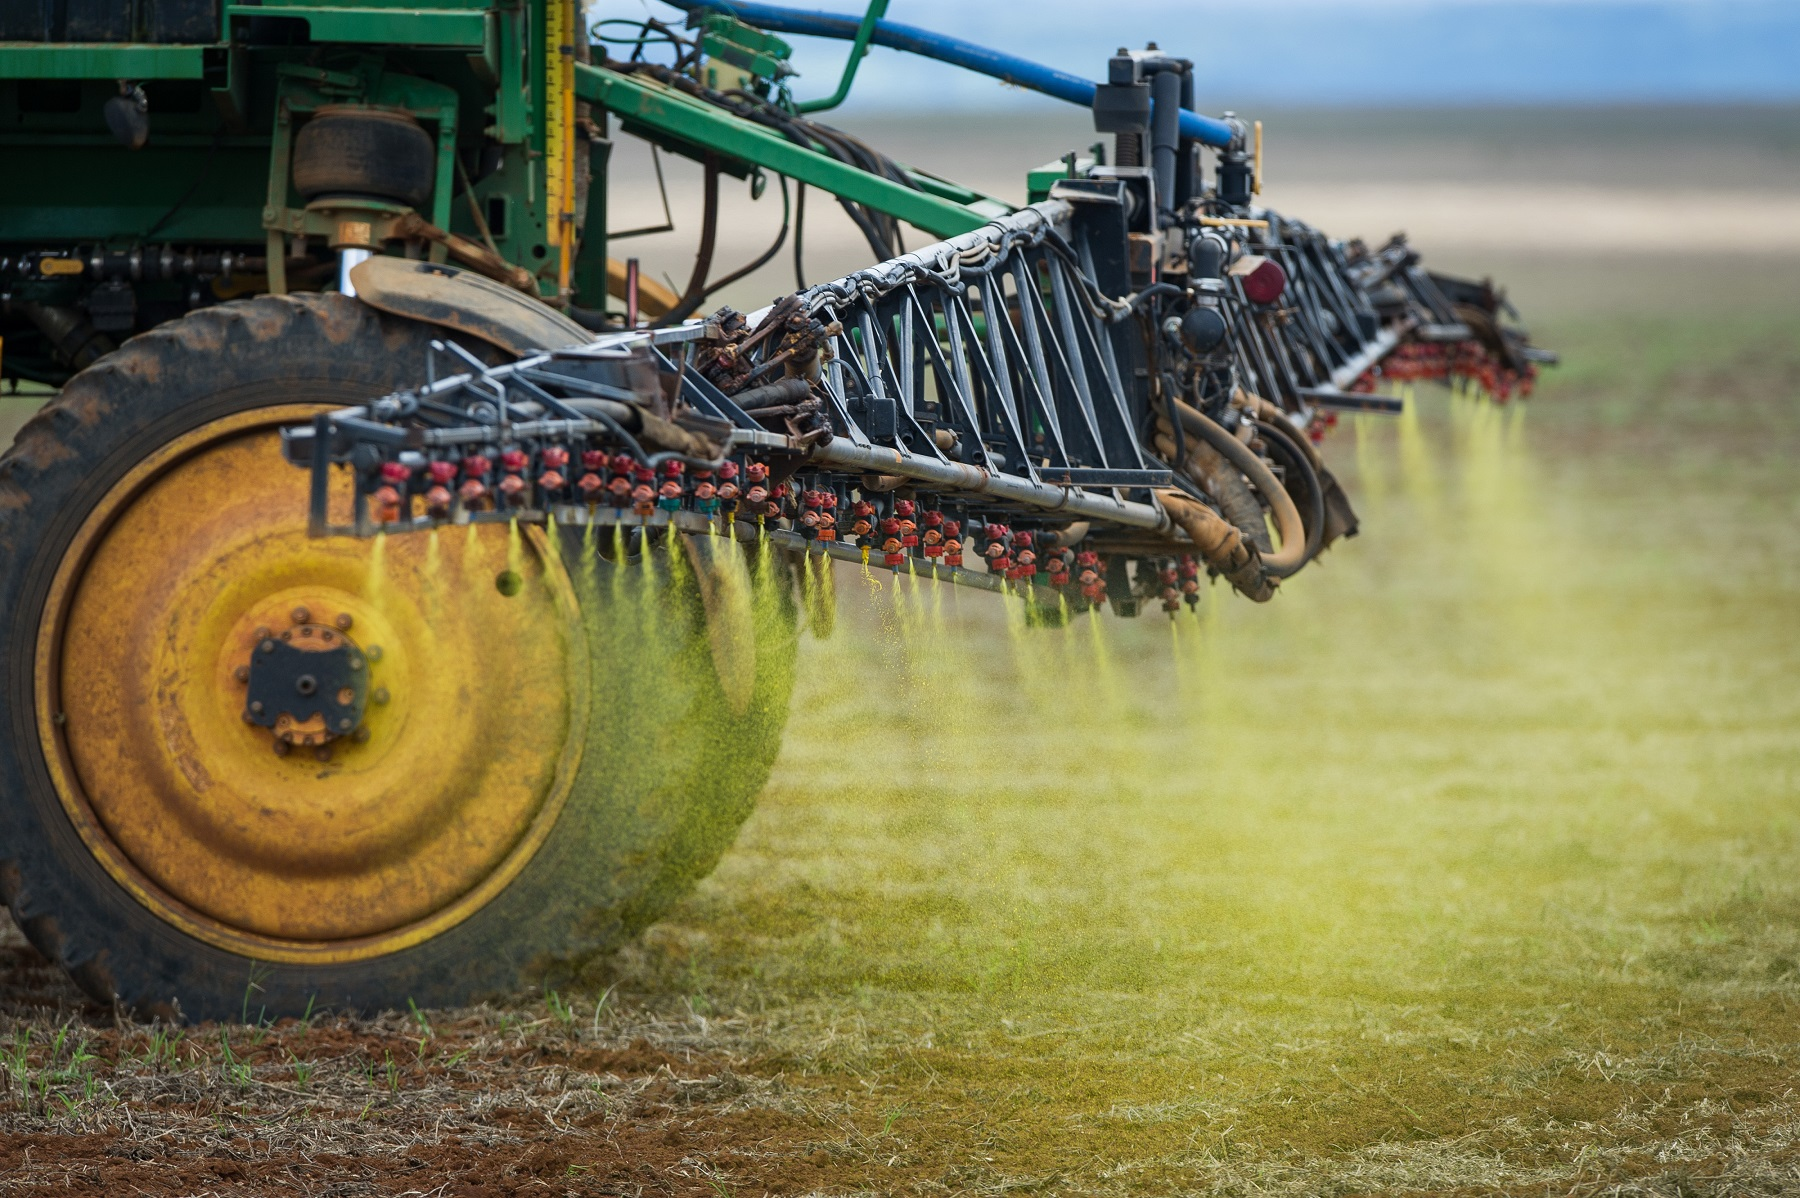 Aplicação de herbicida numa plantação de soja no Cerrado. Foto de Yasuyoshi Chiba/AFP